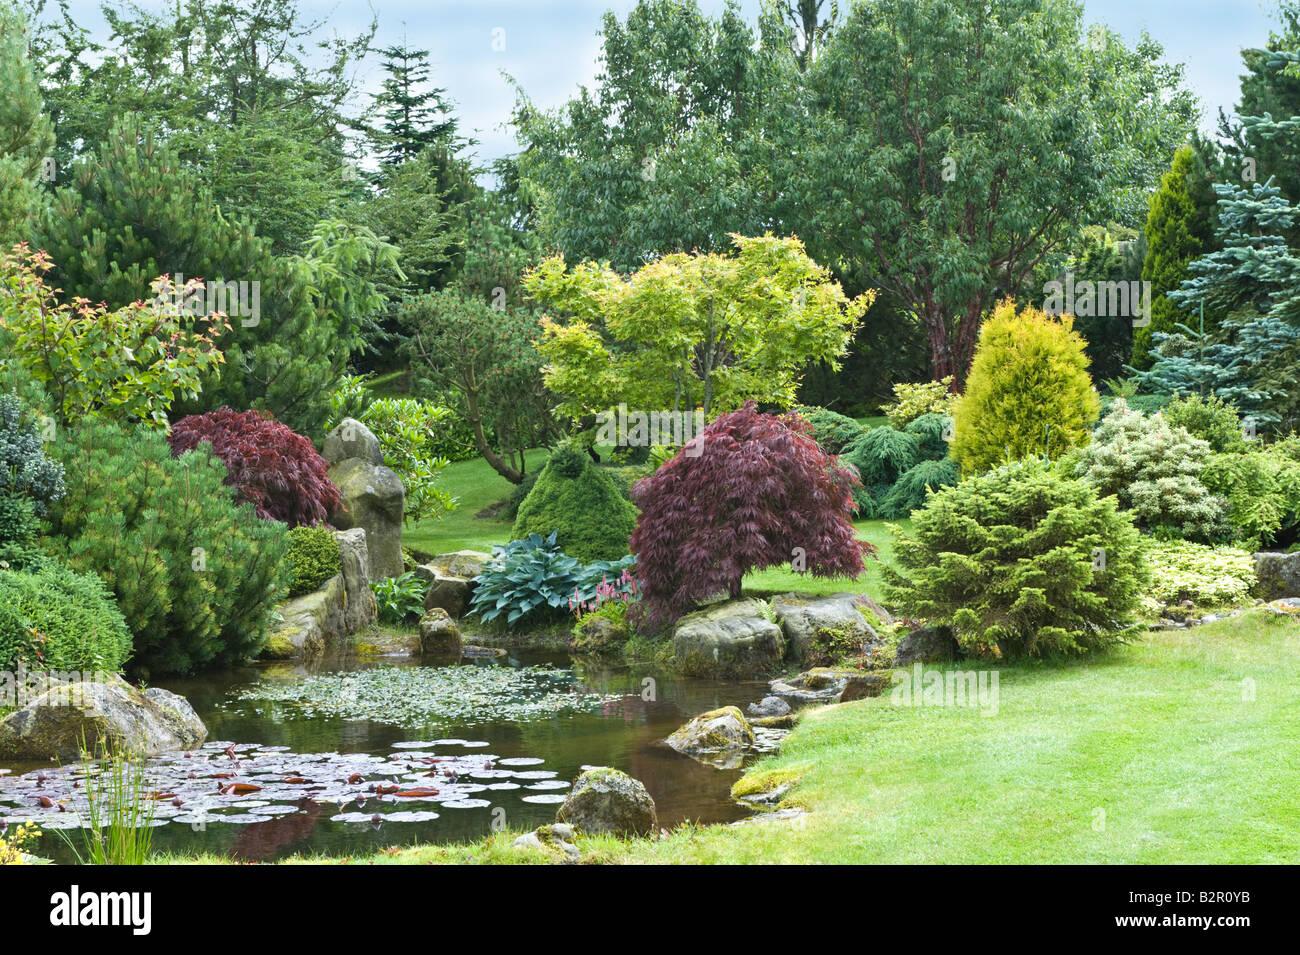 Grit-stone rocks avec étang, arbustes et arbres de jardin design par ...